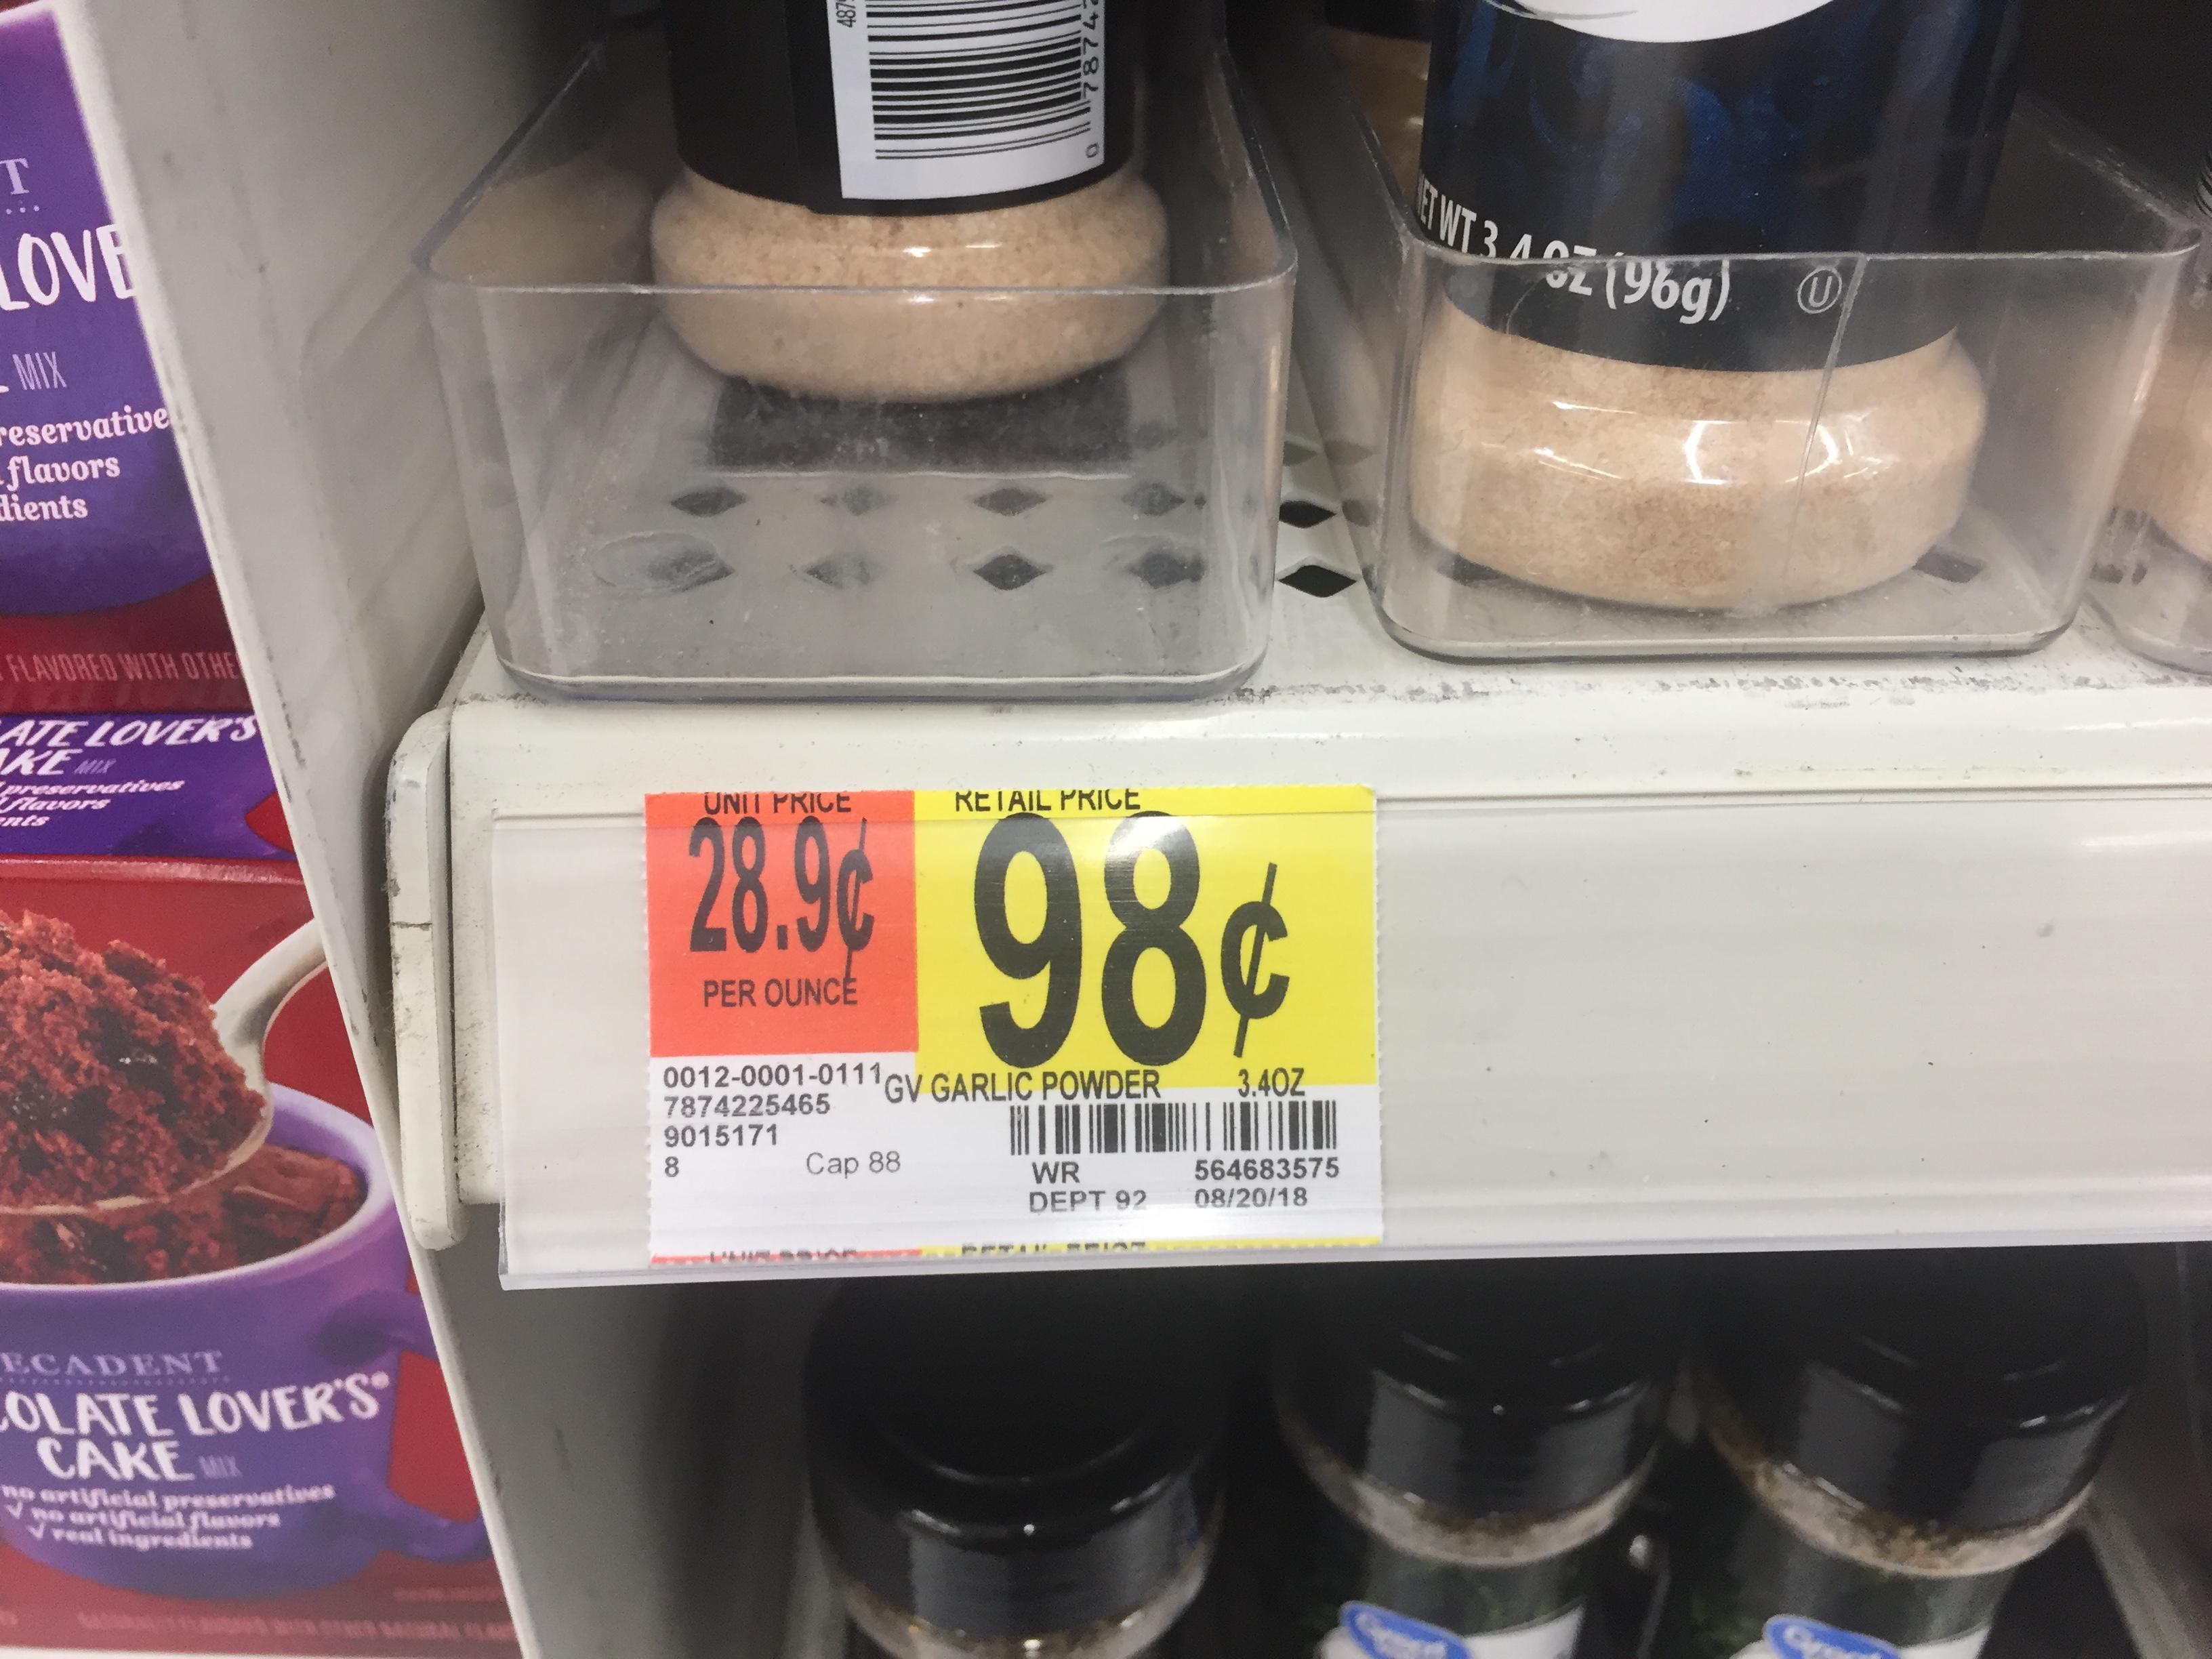 Garlic Powder Comparison - Small